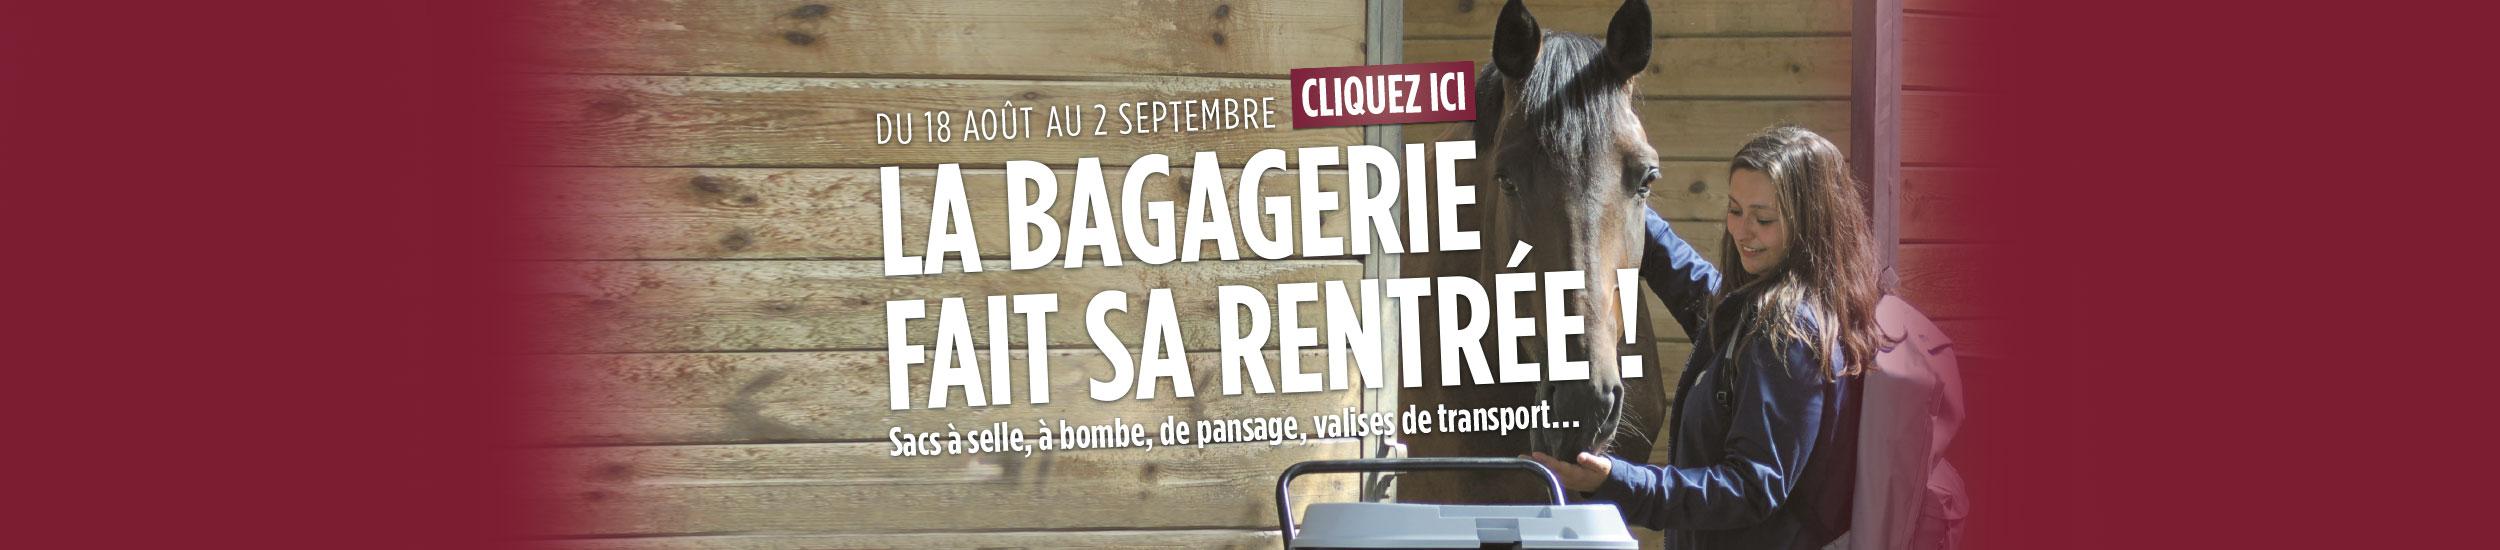 LA BAGAGERIE, FAIT SA RENTRÉE !